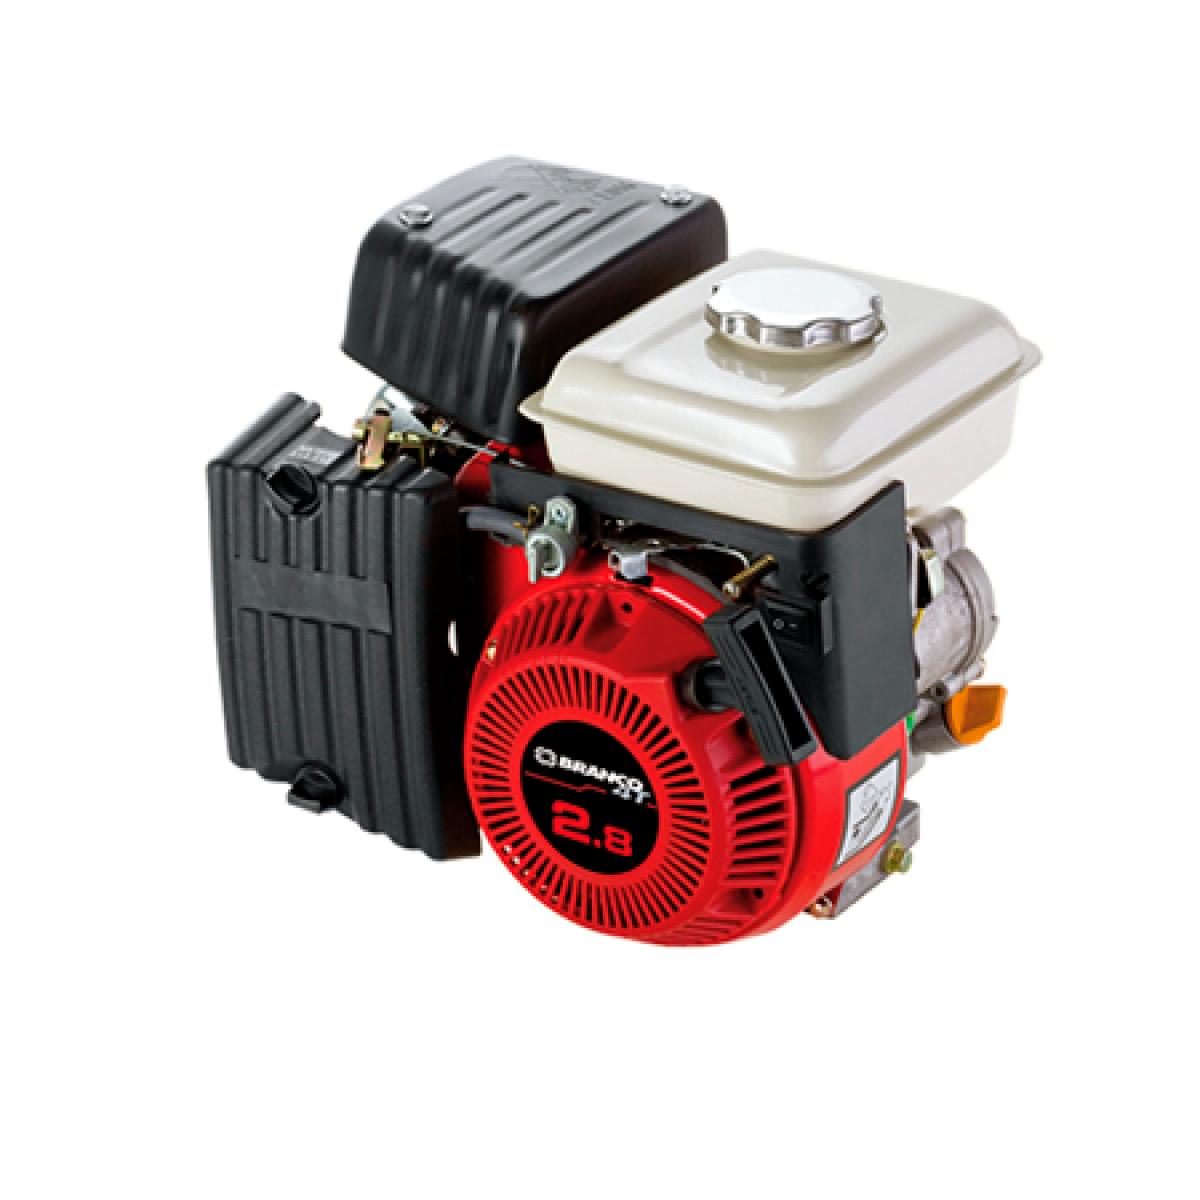 Motor Branco GasolinaB4T 2,8CV, Em PROMOÇÃO, COM DESCONTOS! - BSS Maquinas